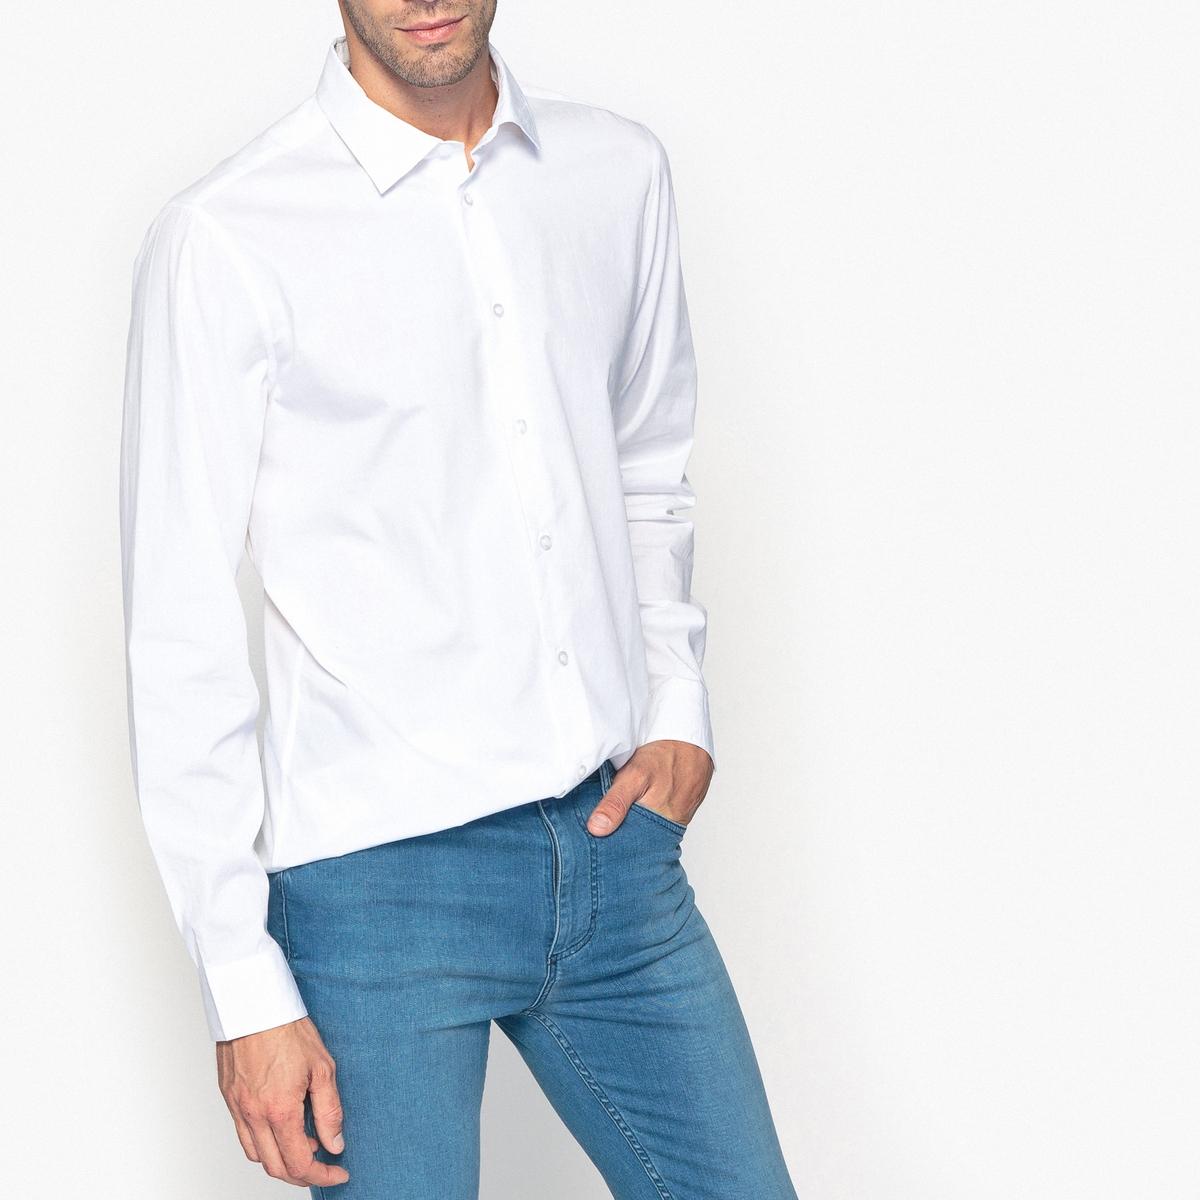 Рубашка узкого покроя, 100% хлопокОписание •  Длинные рукава  •  Приталенный покрой  •  Итальянский воротник Состав и уход •  100% хлопок  •  Машинная стирка при 40 °С  • Средняя температура глажки / не отбеливать     • Барабанная сушка в умеренном режиме       • Сухая чистка запрещена<br><br>Цвет: белый,небесно-голубой,серый,темно-синий<br>Размер: 41/42.43/44.45/46.39/40.41/42.43/44.39/40.41/42.43/44.45/46